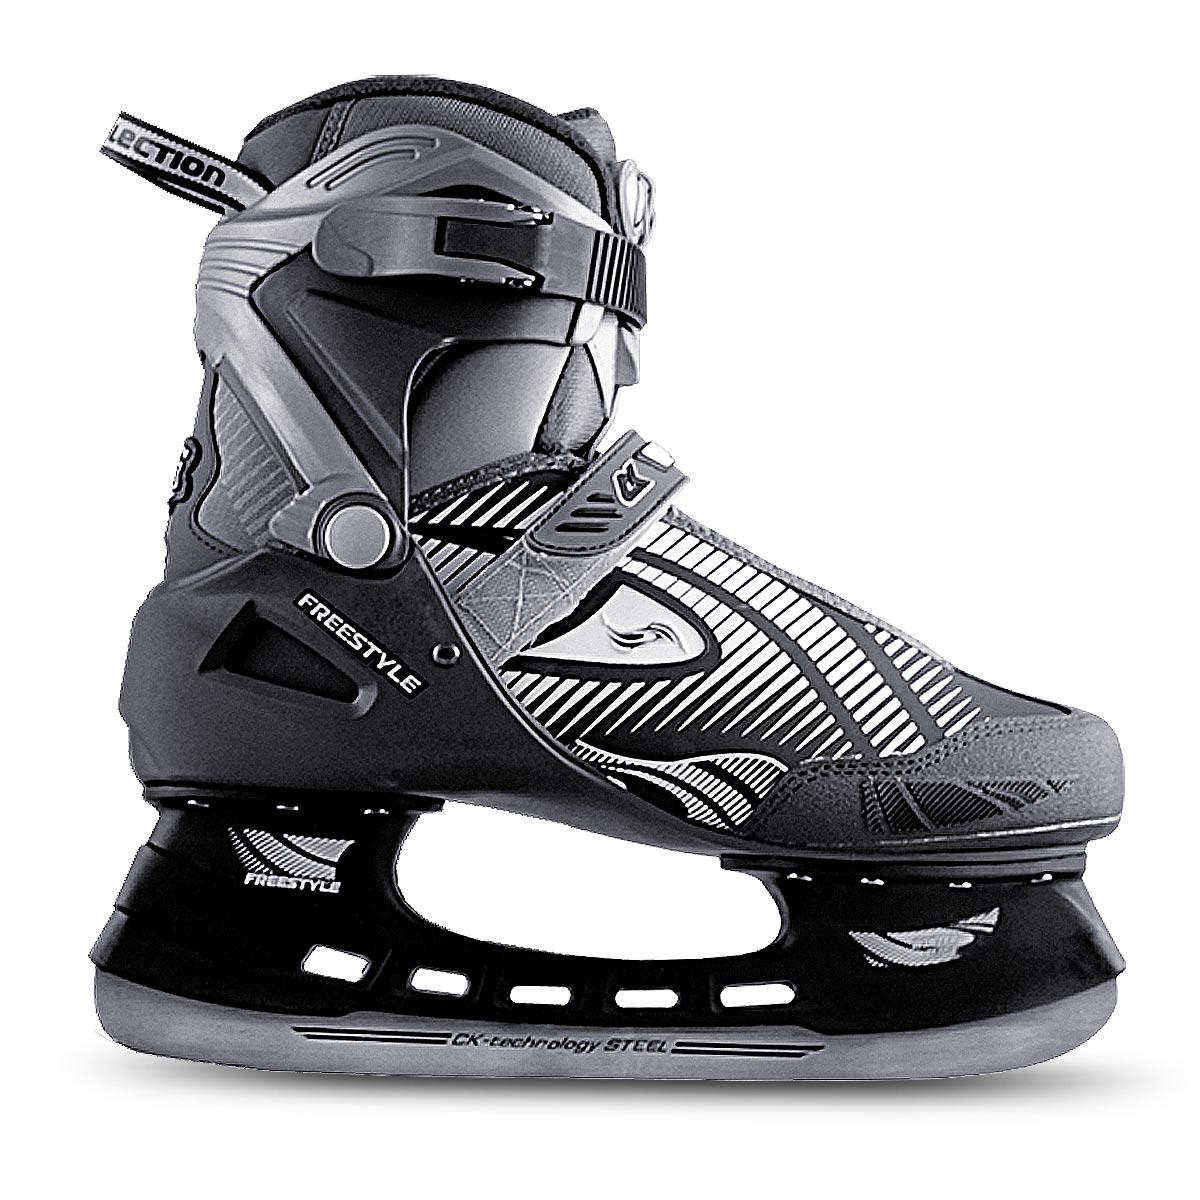 Коньки хоккейные мужские СК Freestyle, цвет: серый, черный. Размер 38FREESTYLE_серый, черный_38Оригинальные мужские коньки от CK Freestyle с ударопрочной защитной конструкцией прекрасно подойдут для начинающих игроков в хоккей. Сапожок, выполненный из комбинации ПВХ, морозостойкой искусственной кожи, нейлона и капровелюра, обеспечит тепло и комфорт во время катания. Внутренний слой изготовлен из фланелета, а стелька - из текстиля. Пластиковая бакля и шнуровка с фиксатором, а также хлястик на липучке надежно фиксируют голеностоп. Плотный мысок и усиленный задник оберегают ногу от ушибов. Фигурное лезвие изготовлено из углеродистой нержавеющей стали со специальным покрытием, придающим дополнительную прочность.Изделие по верху декорировано оригинальным принтом и тиснением в виде логотипа бренда. Задняя часть коньков дополнена широким ярлычком для более удобного надевания обуви. Стильные коньки придутся вам по душе.